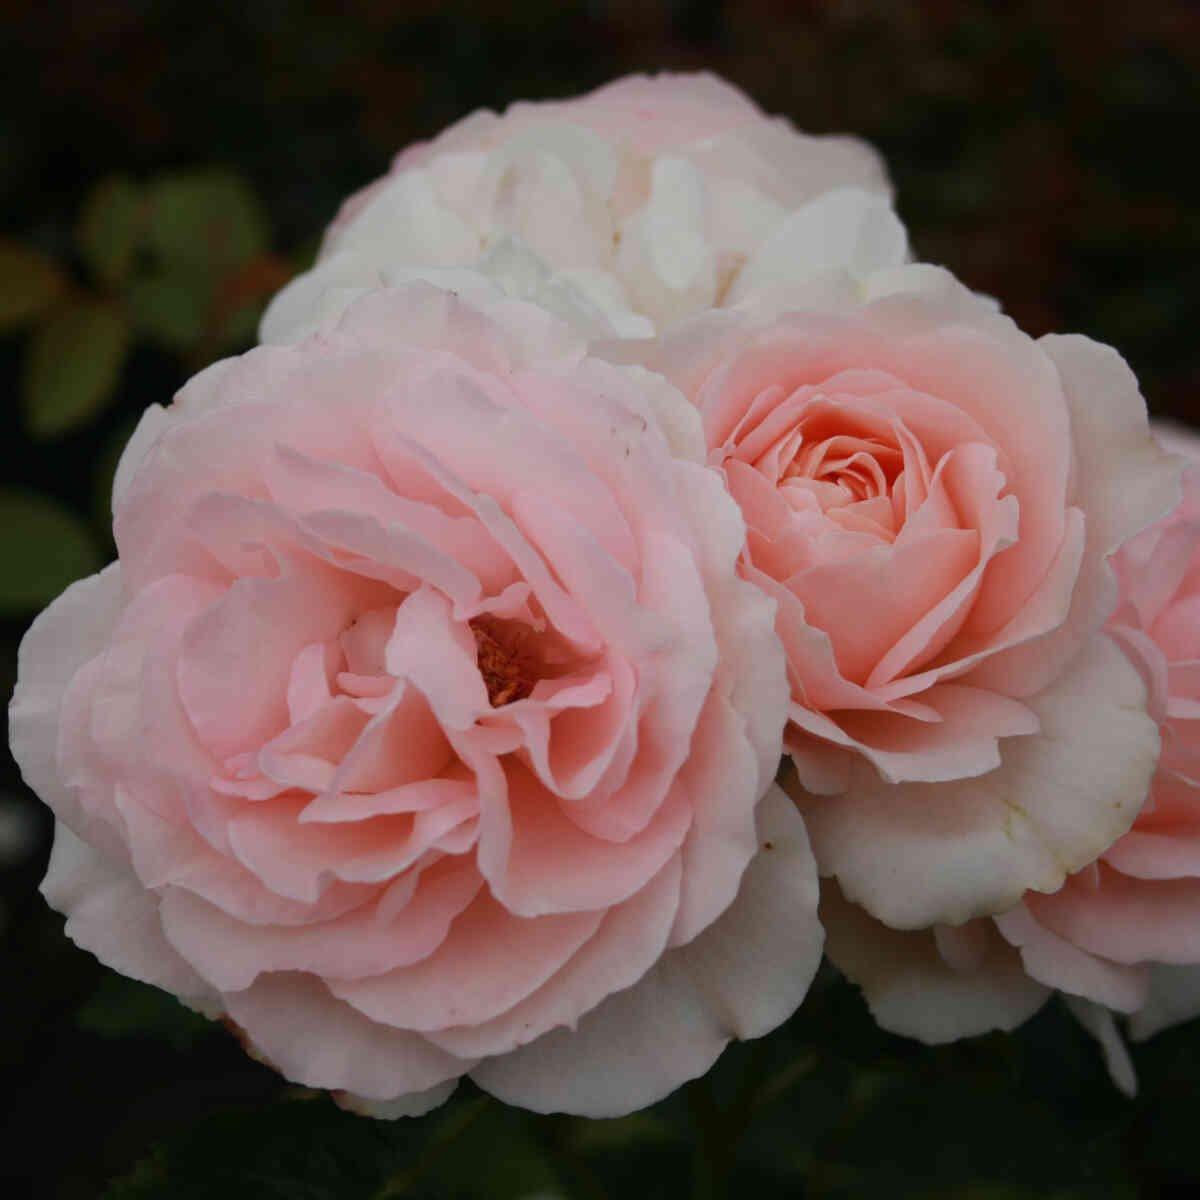 Rose 'Clair Renaissance'